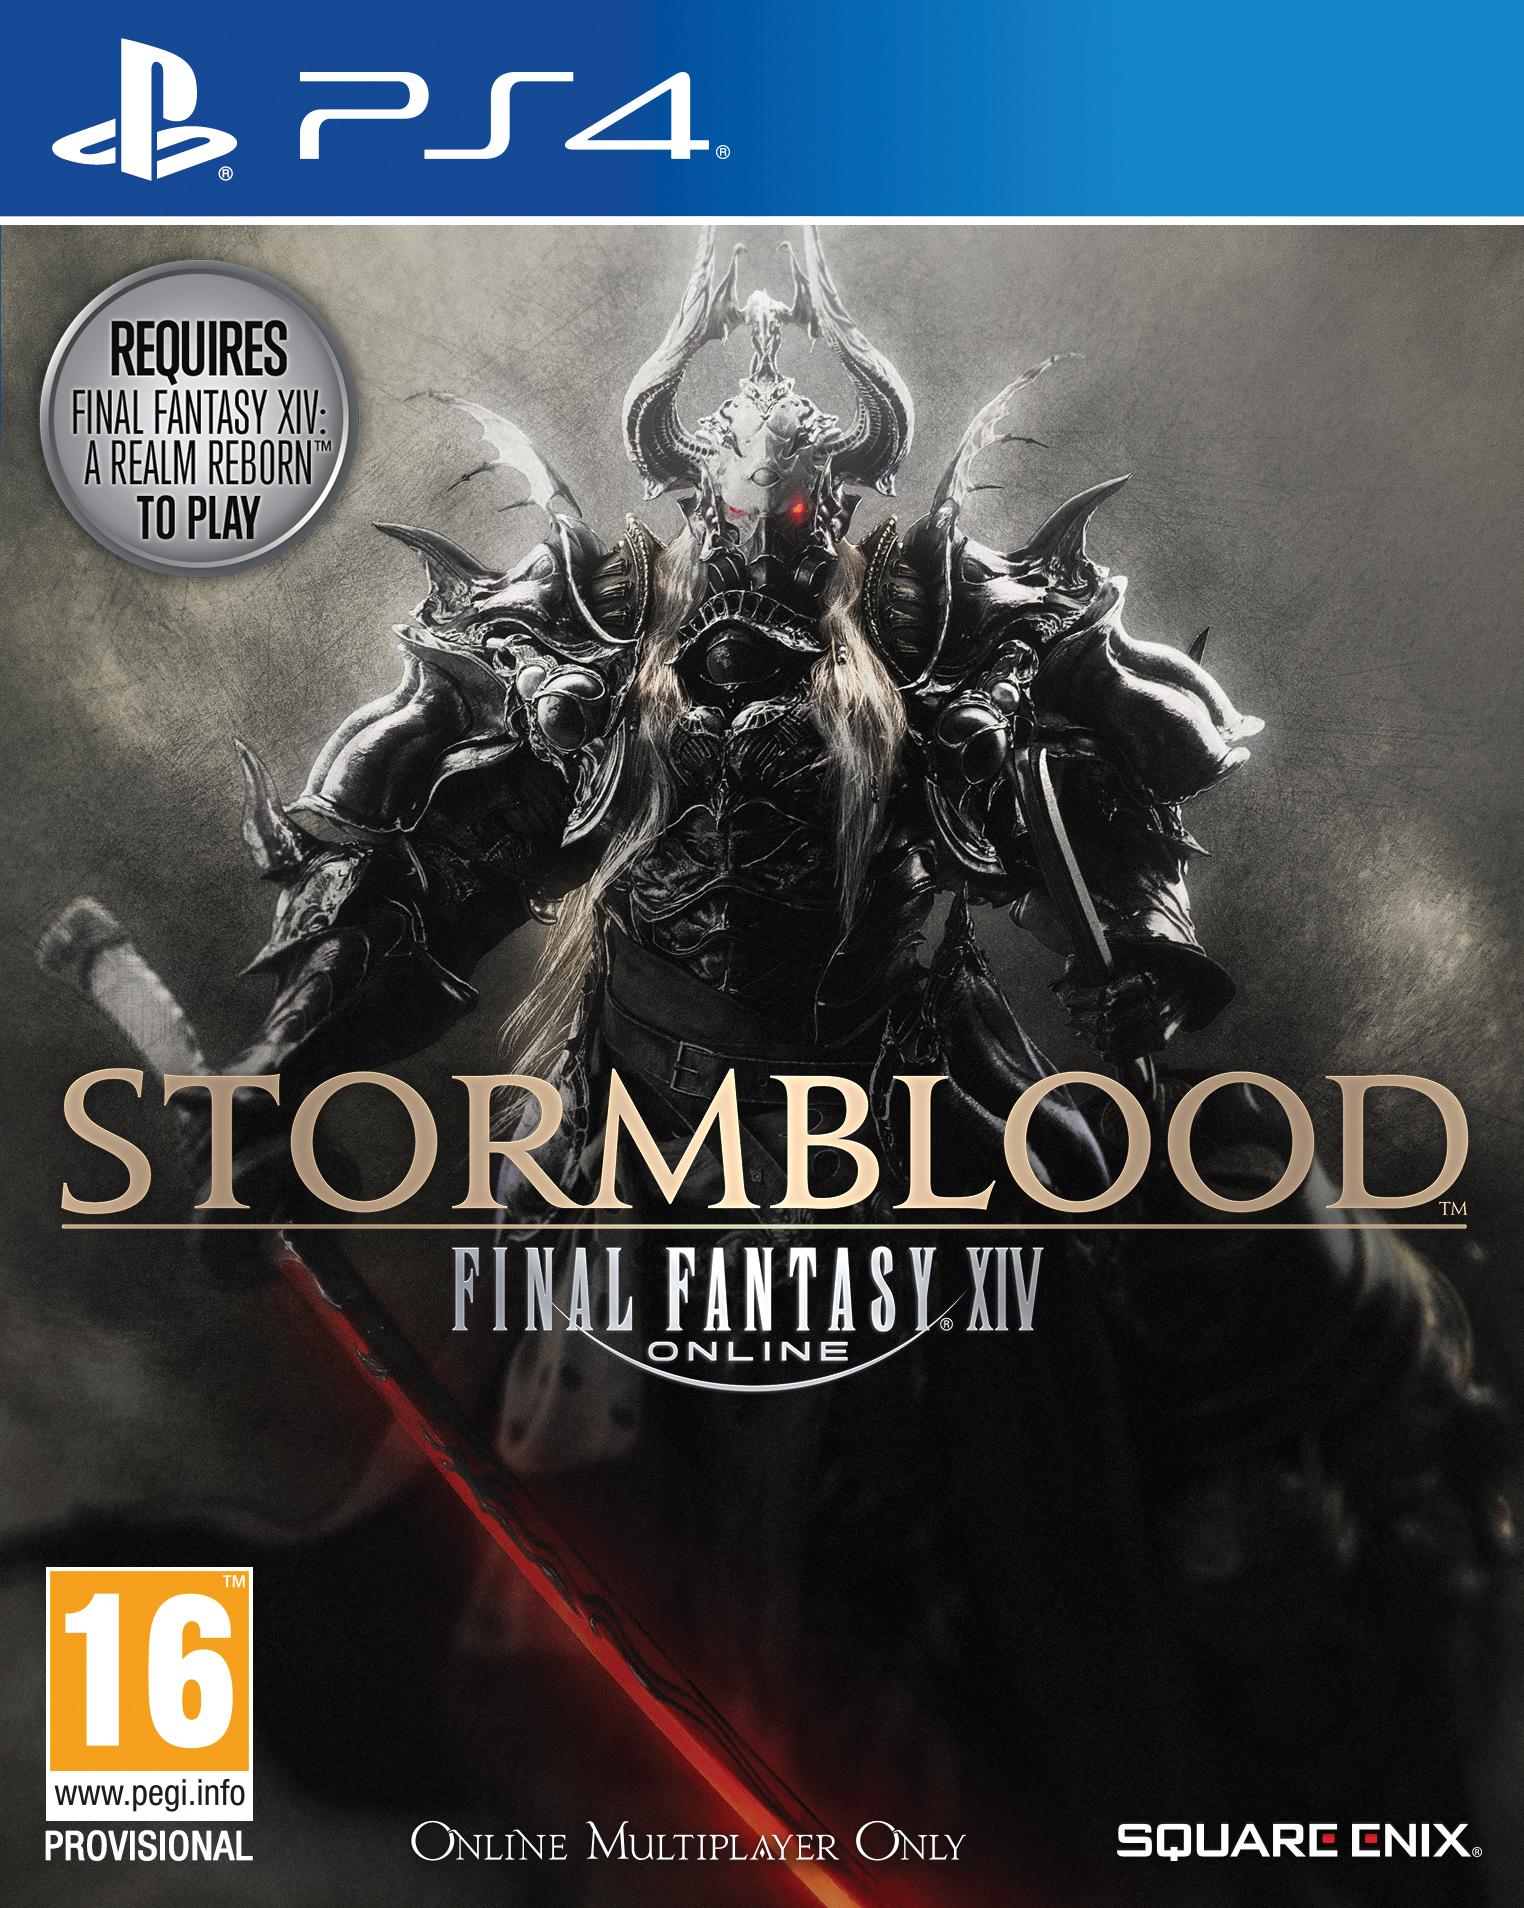 Final Fantasy XIV (14): Stormblood